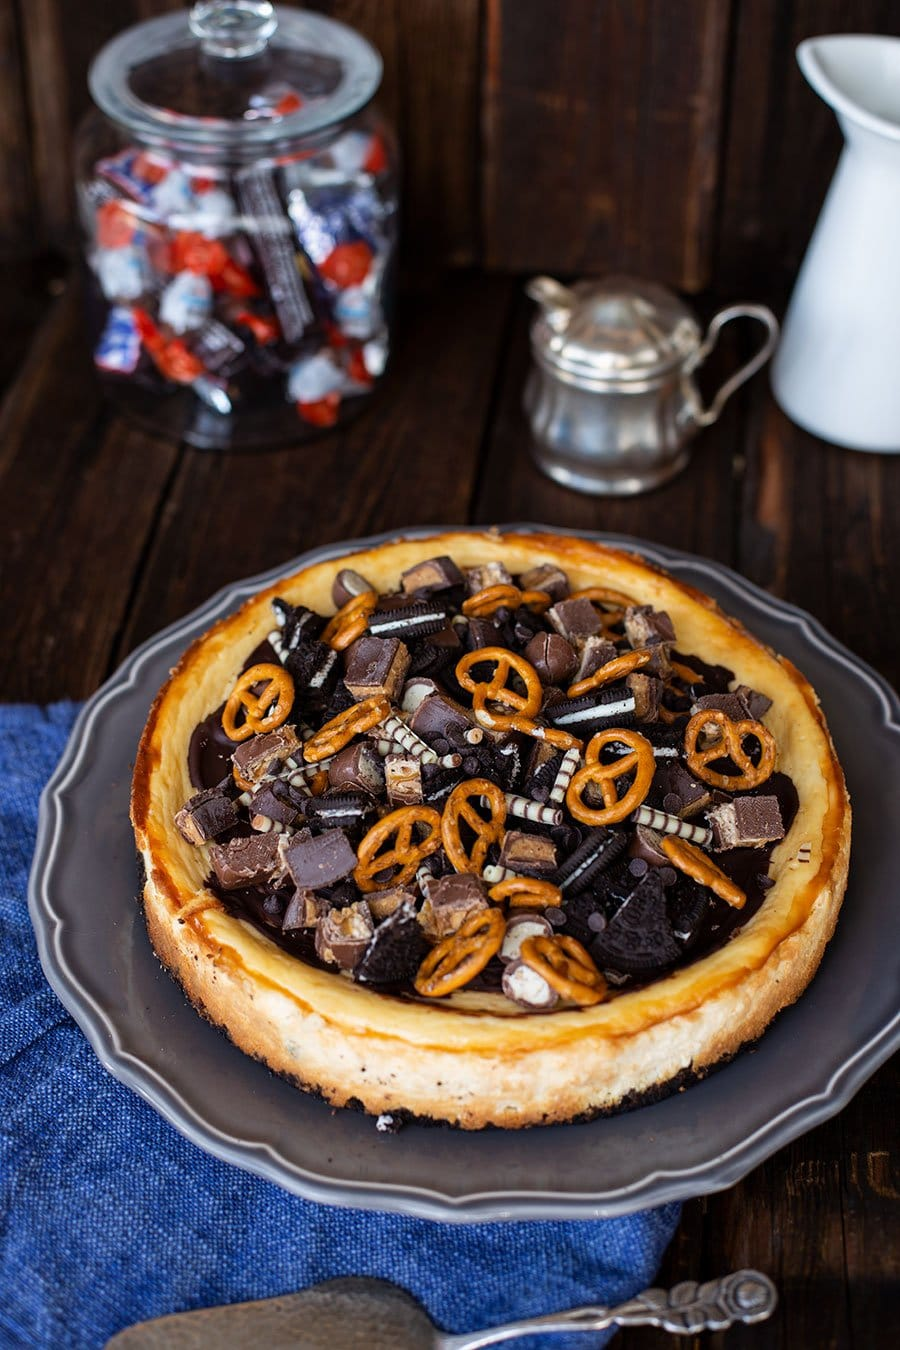 New York Cheesecake Rezept mit Oreo Keksboden & Karamell Topping